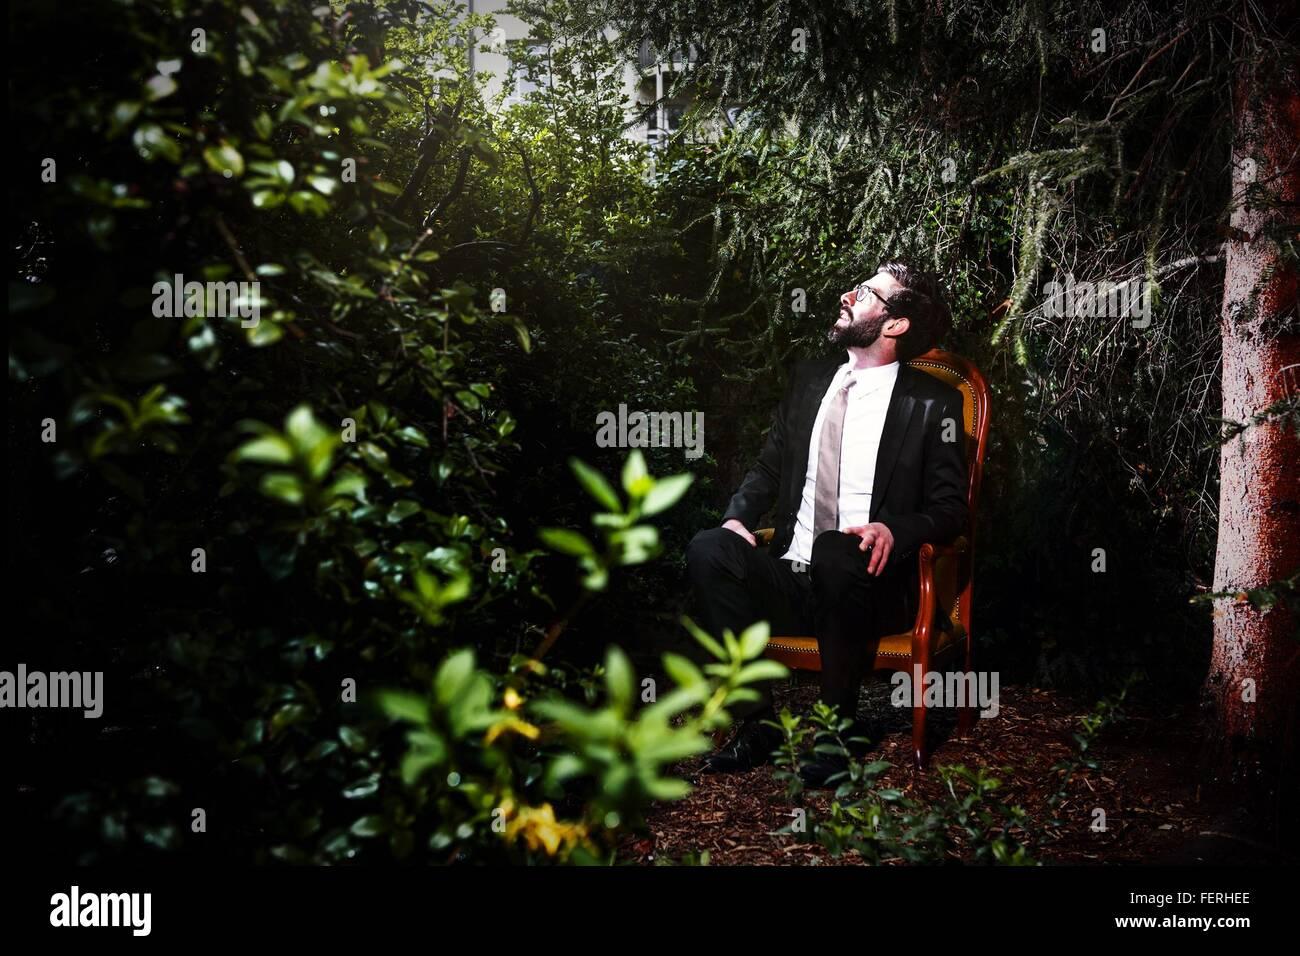 Mann trägt Anzug In Hof auf Stuhl sitzend und nachschlagen Stockbild